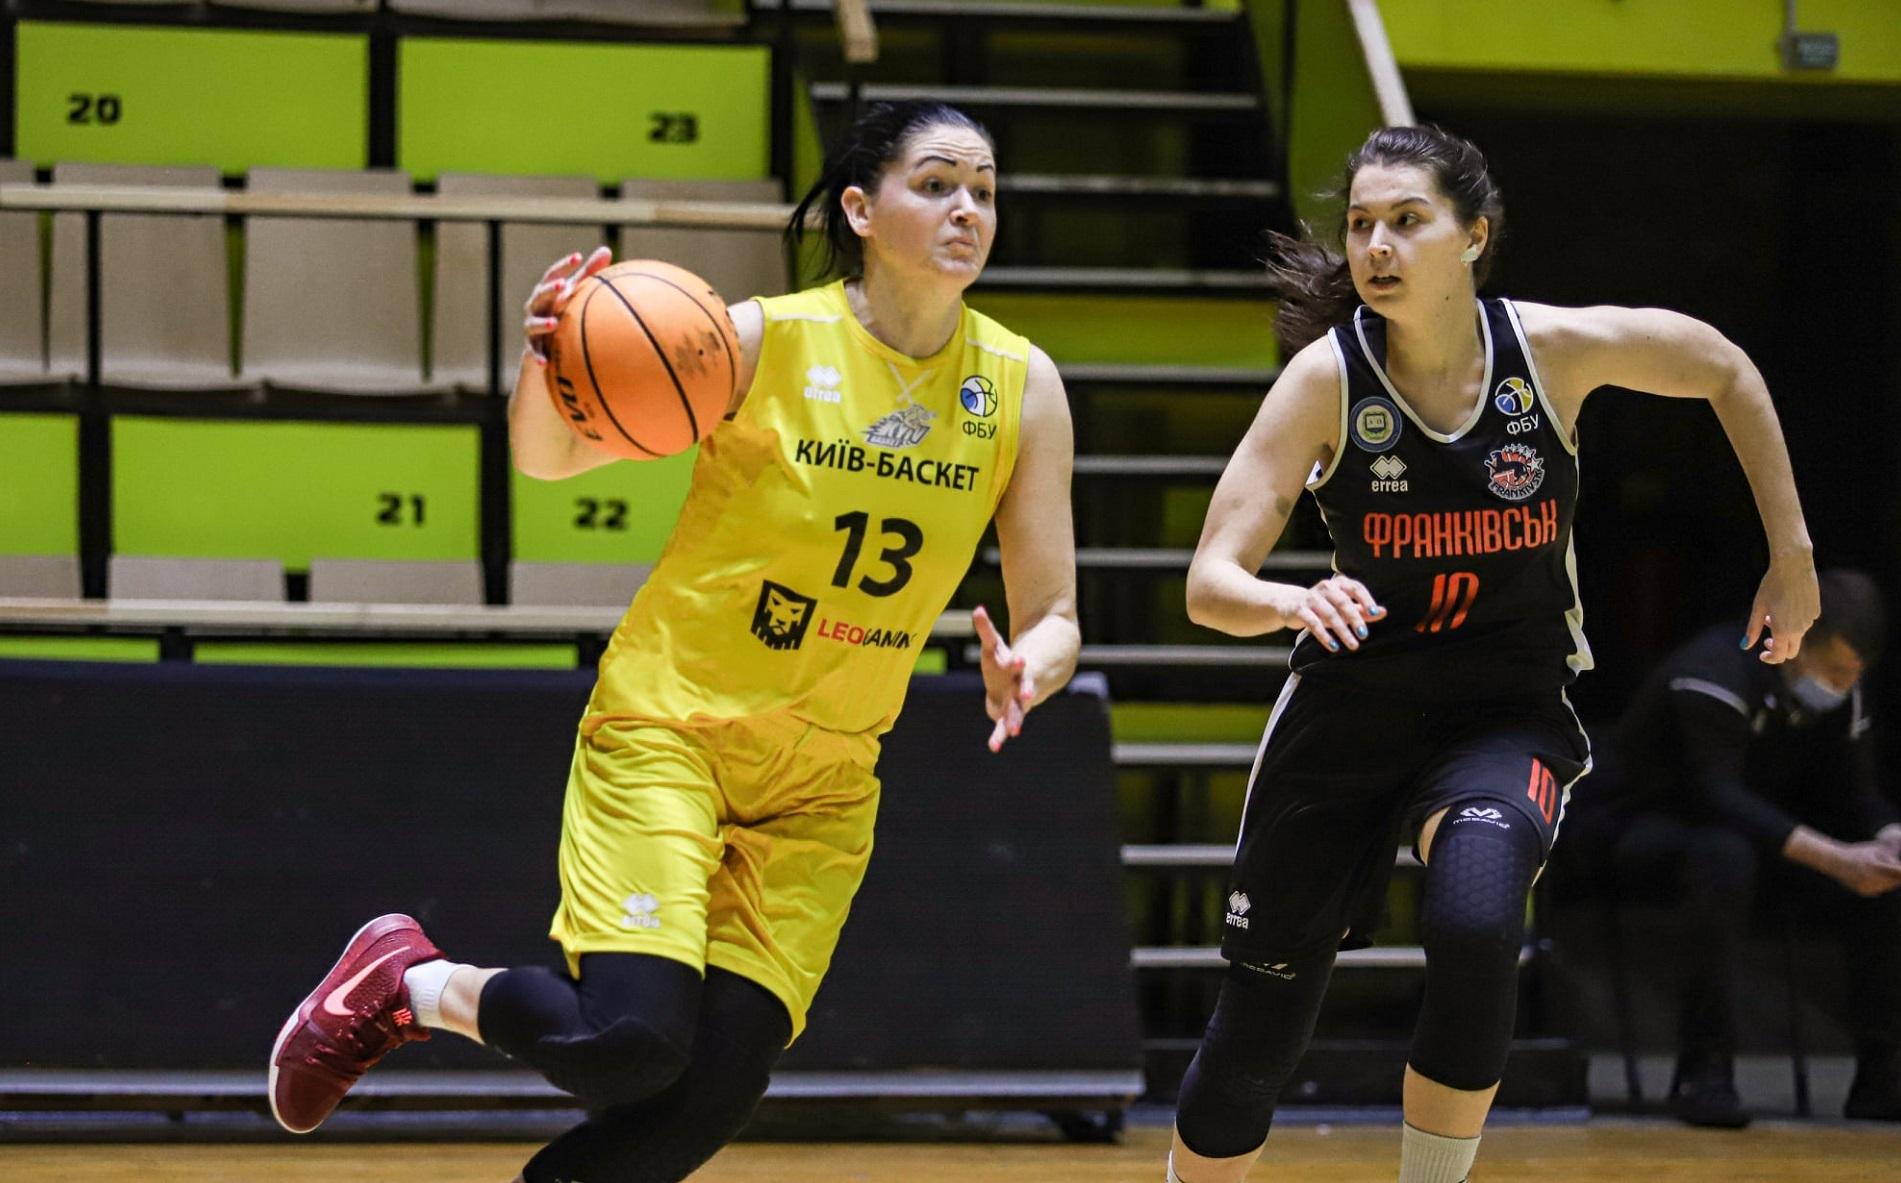 Київ-Баскет впевнено переміг Франківськ і вийшов у фінал жіночої Суперліги